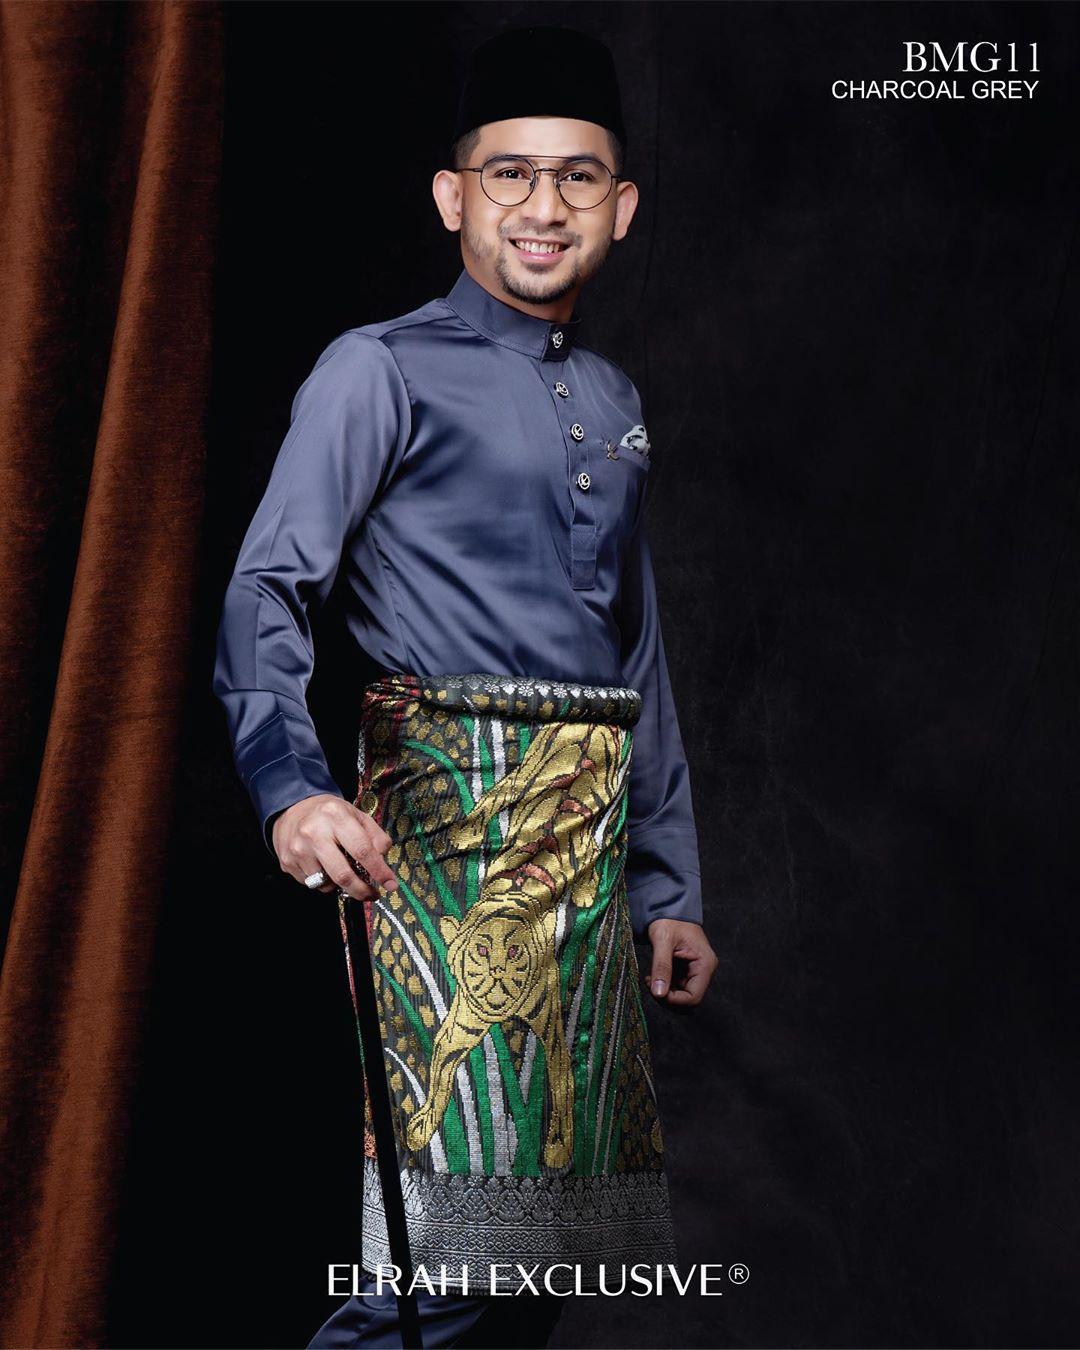 Baju Melayu Gentleman Charcoal Grey